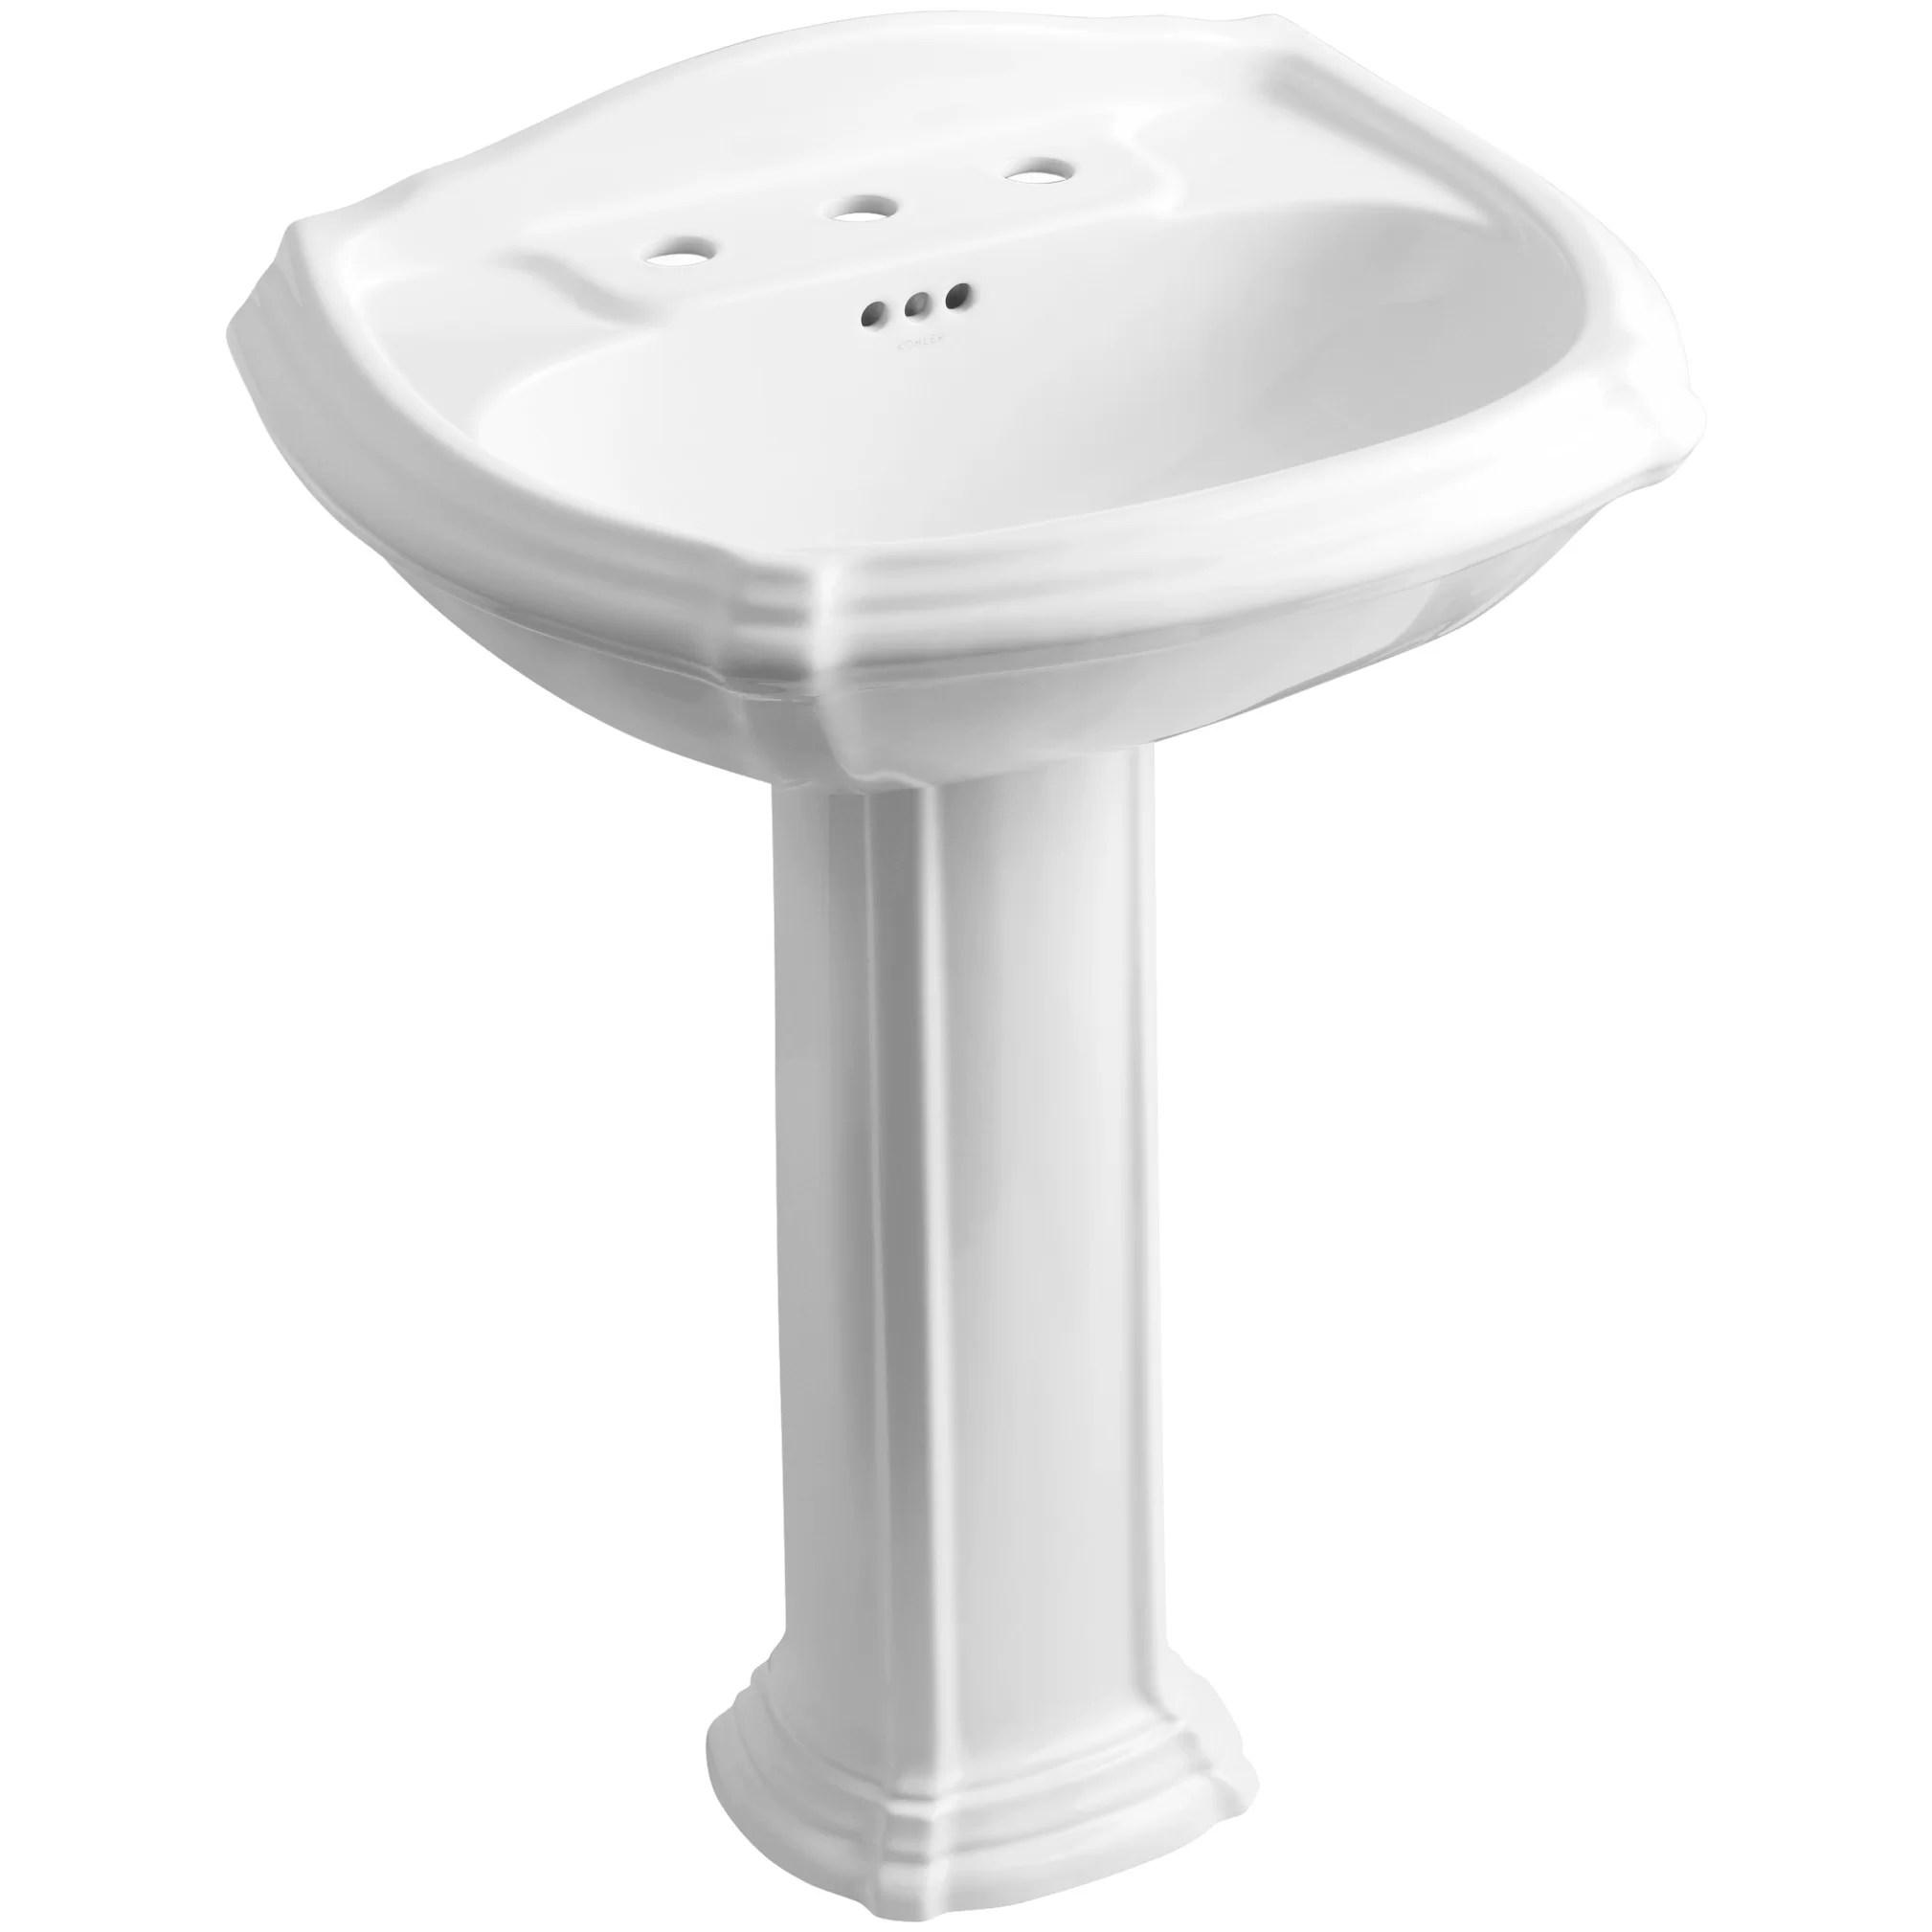 Kohler Portrait Pedestal Bathroom Sink & Reviews